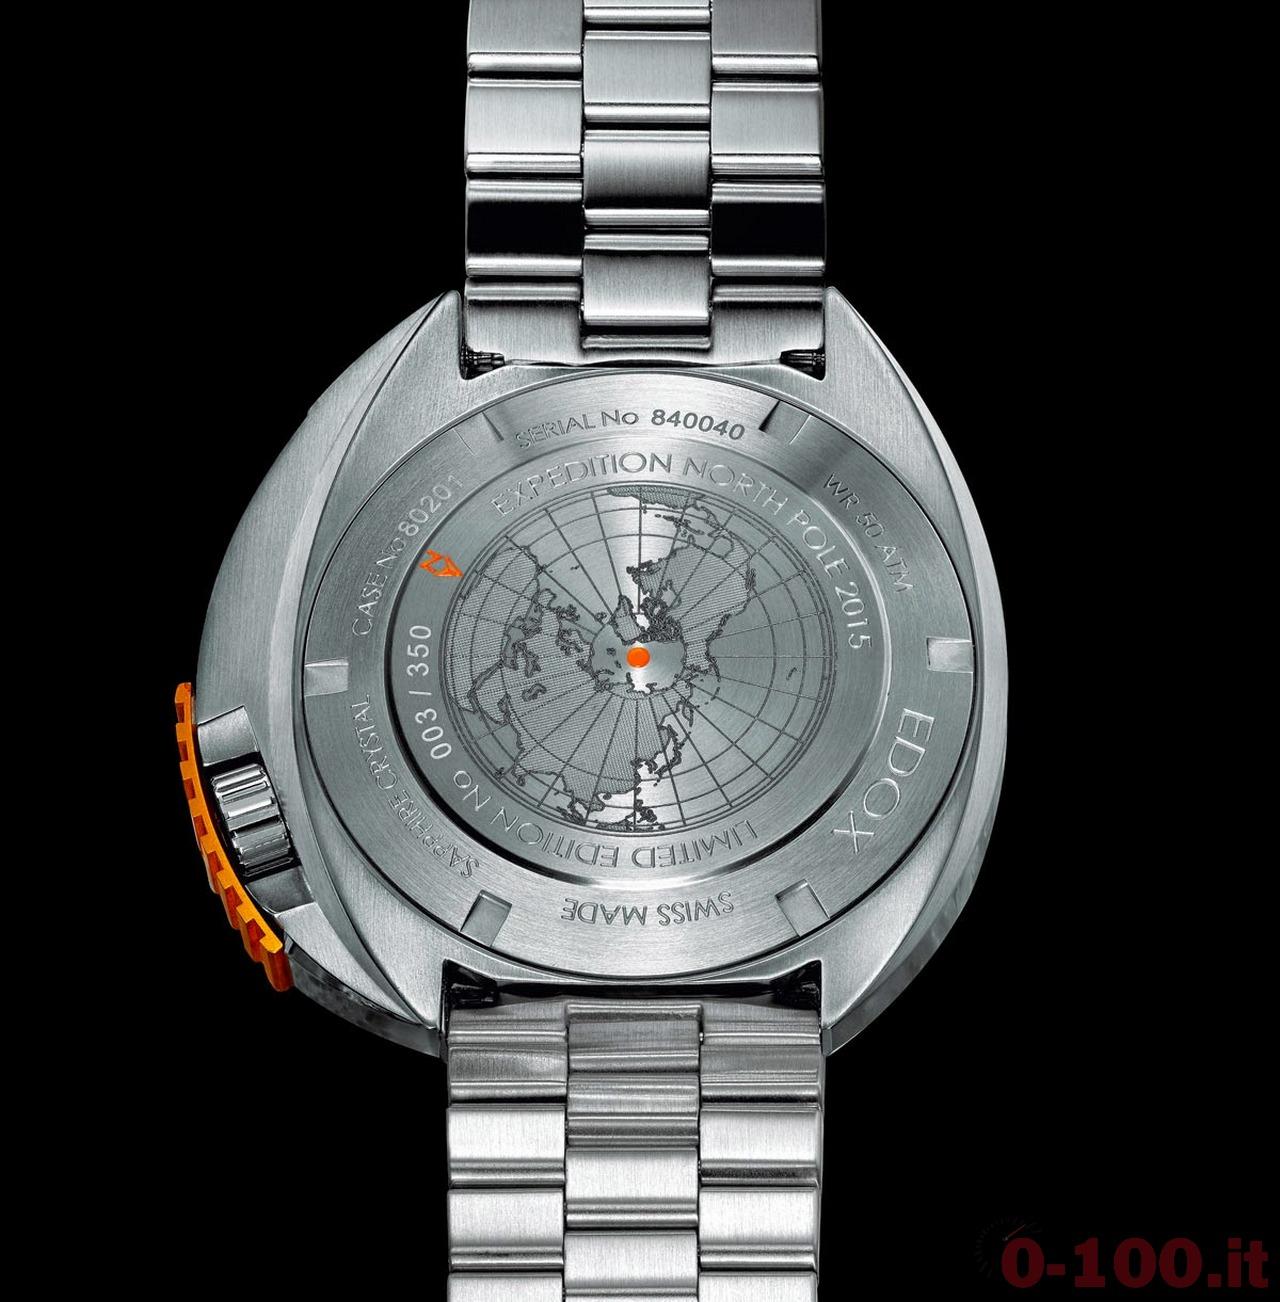 edox-hydro-sub-automatic-date-prezzo-price_0-100_5